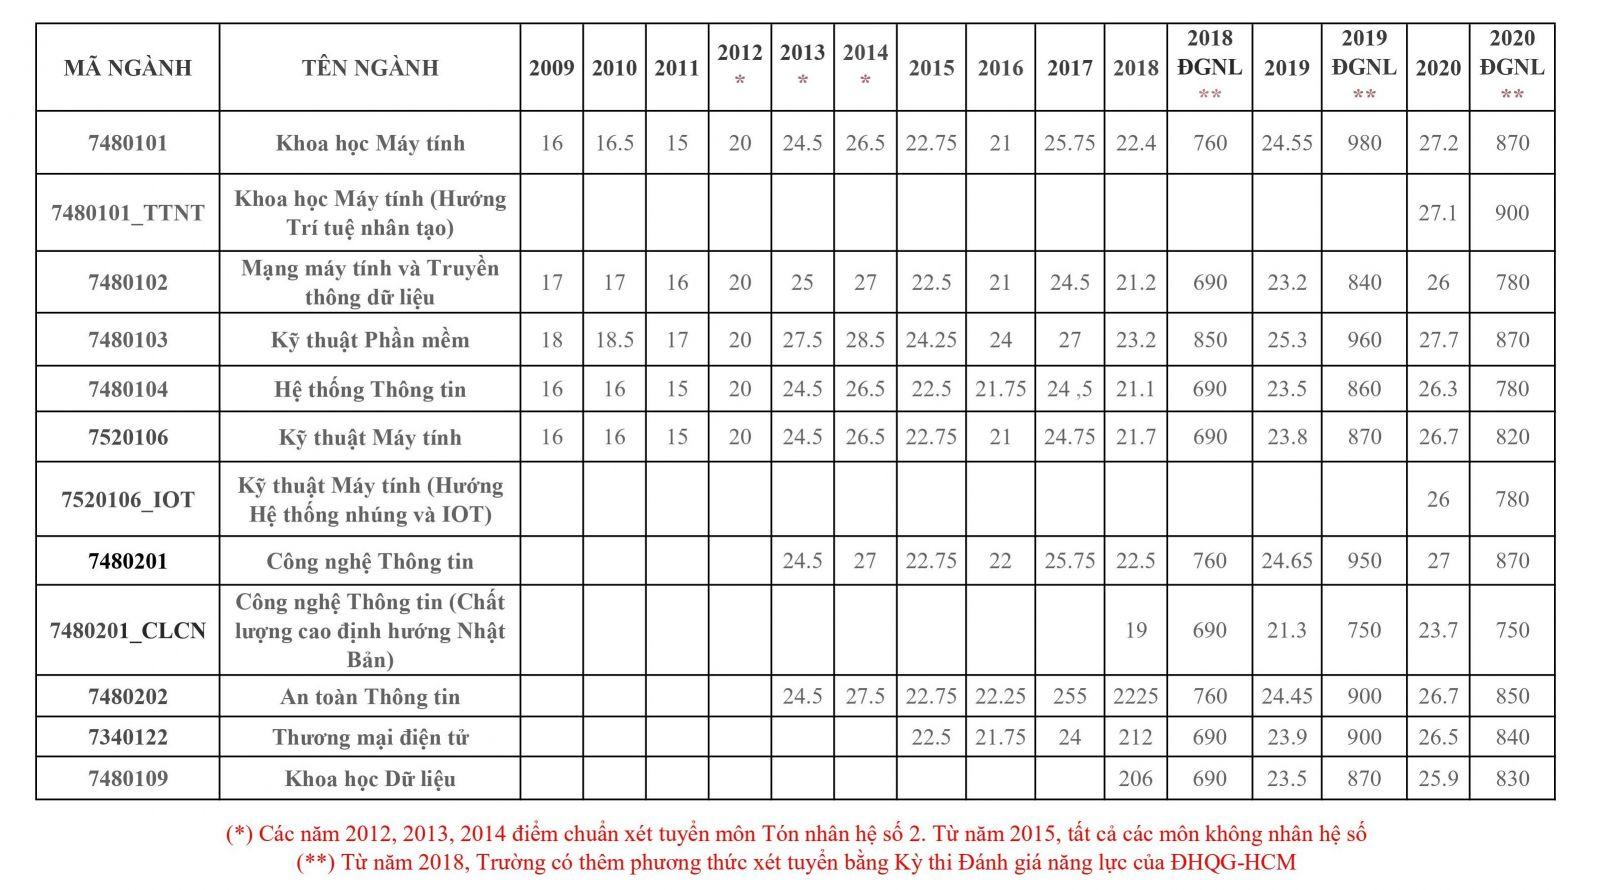 Thông tin tuyển sinh và điểm chuẩn các năm của Đại học Công nghệ thông tin